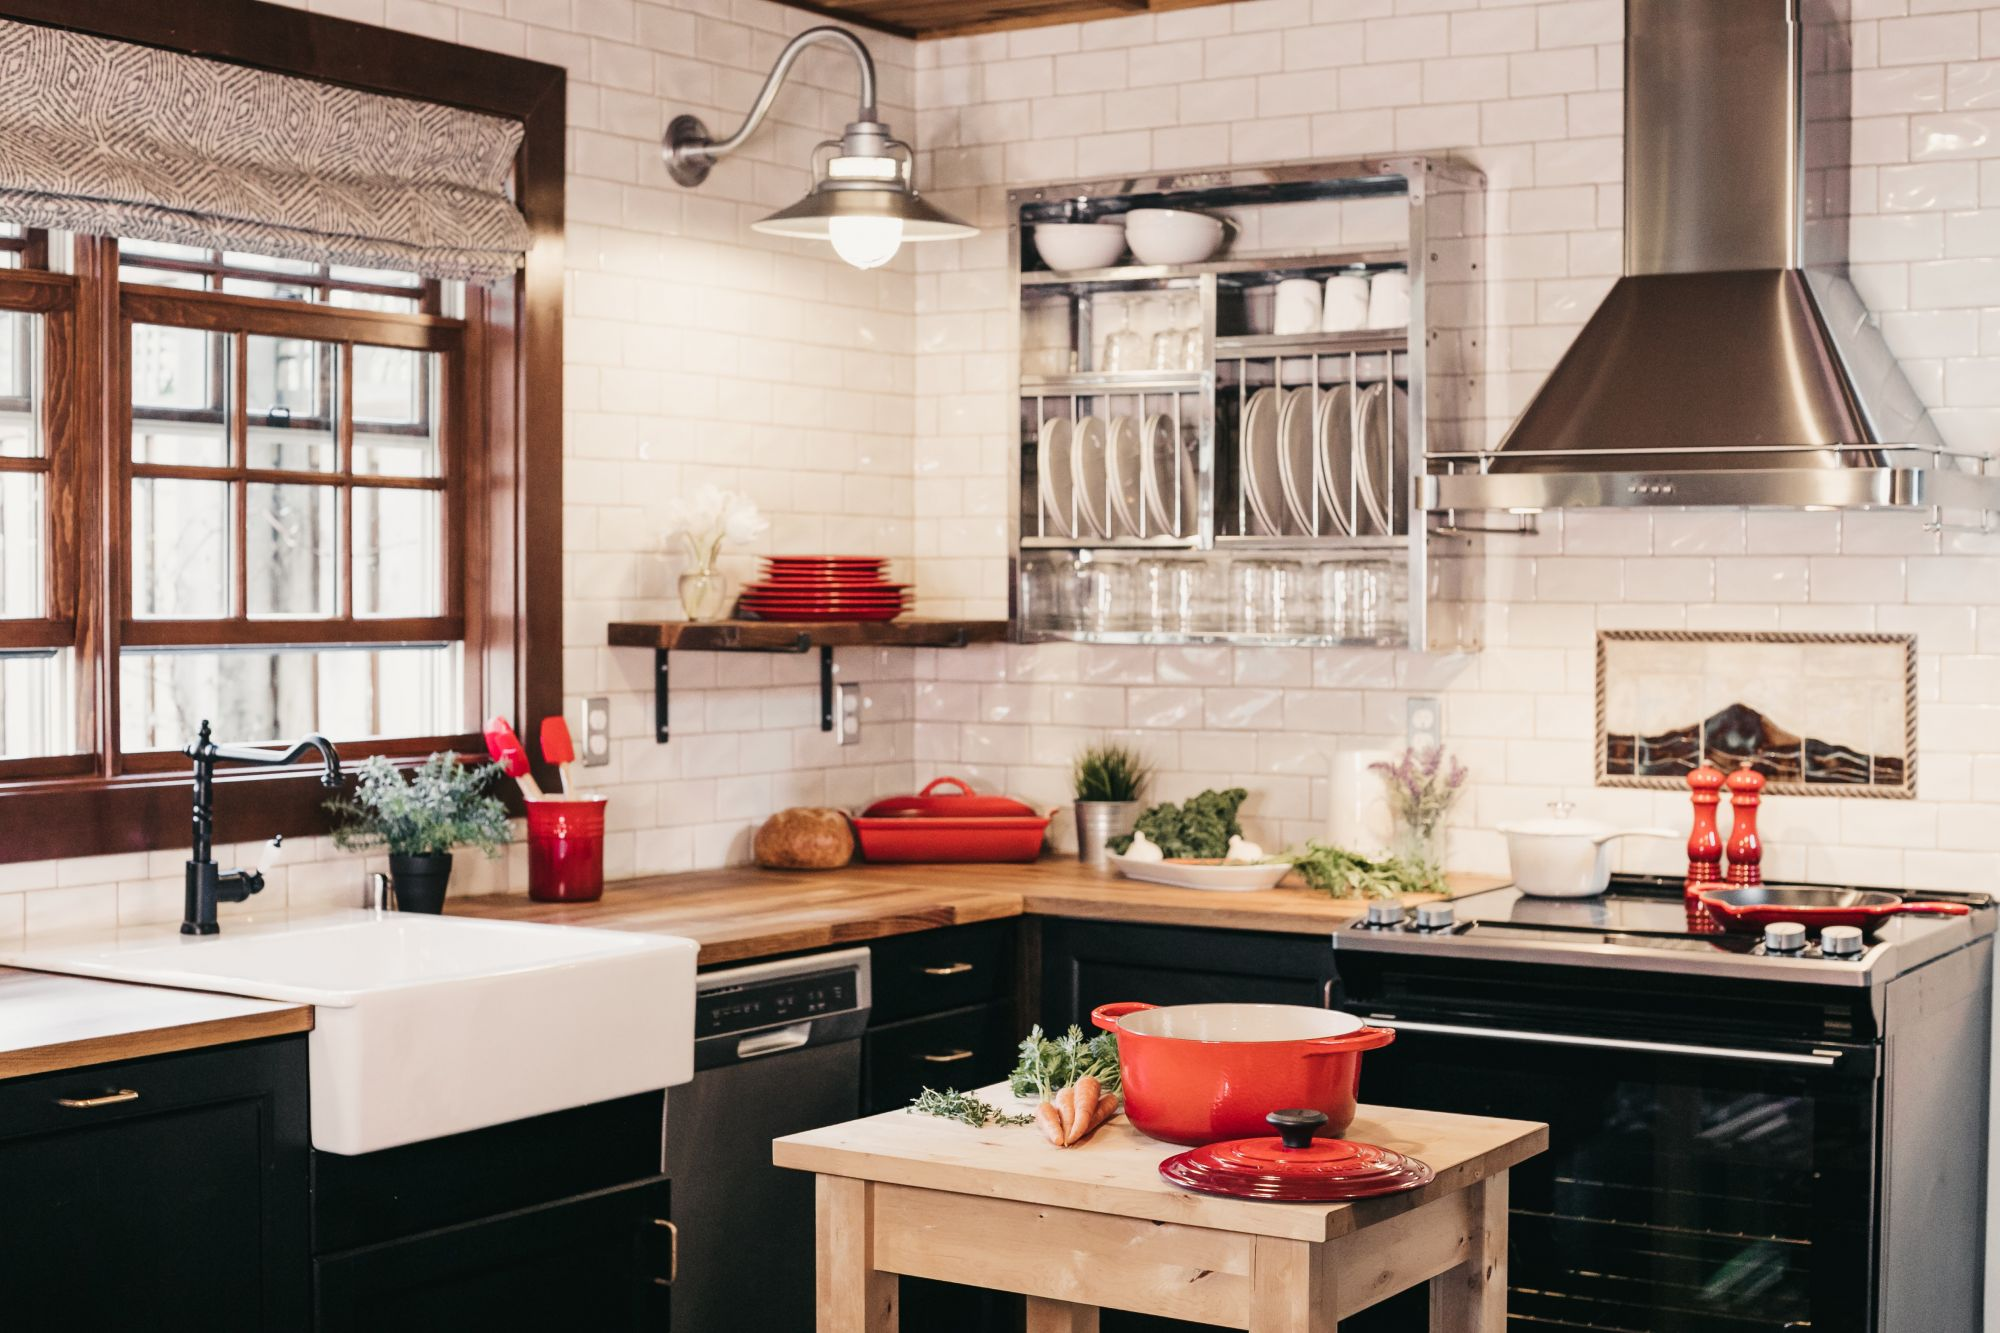 Tendenza cucina: 8 elementi per renderla eclettica